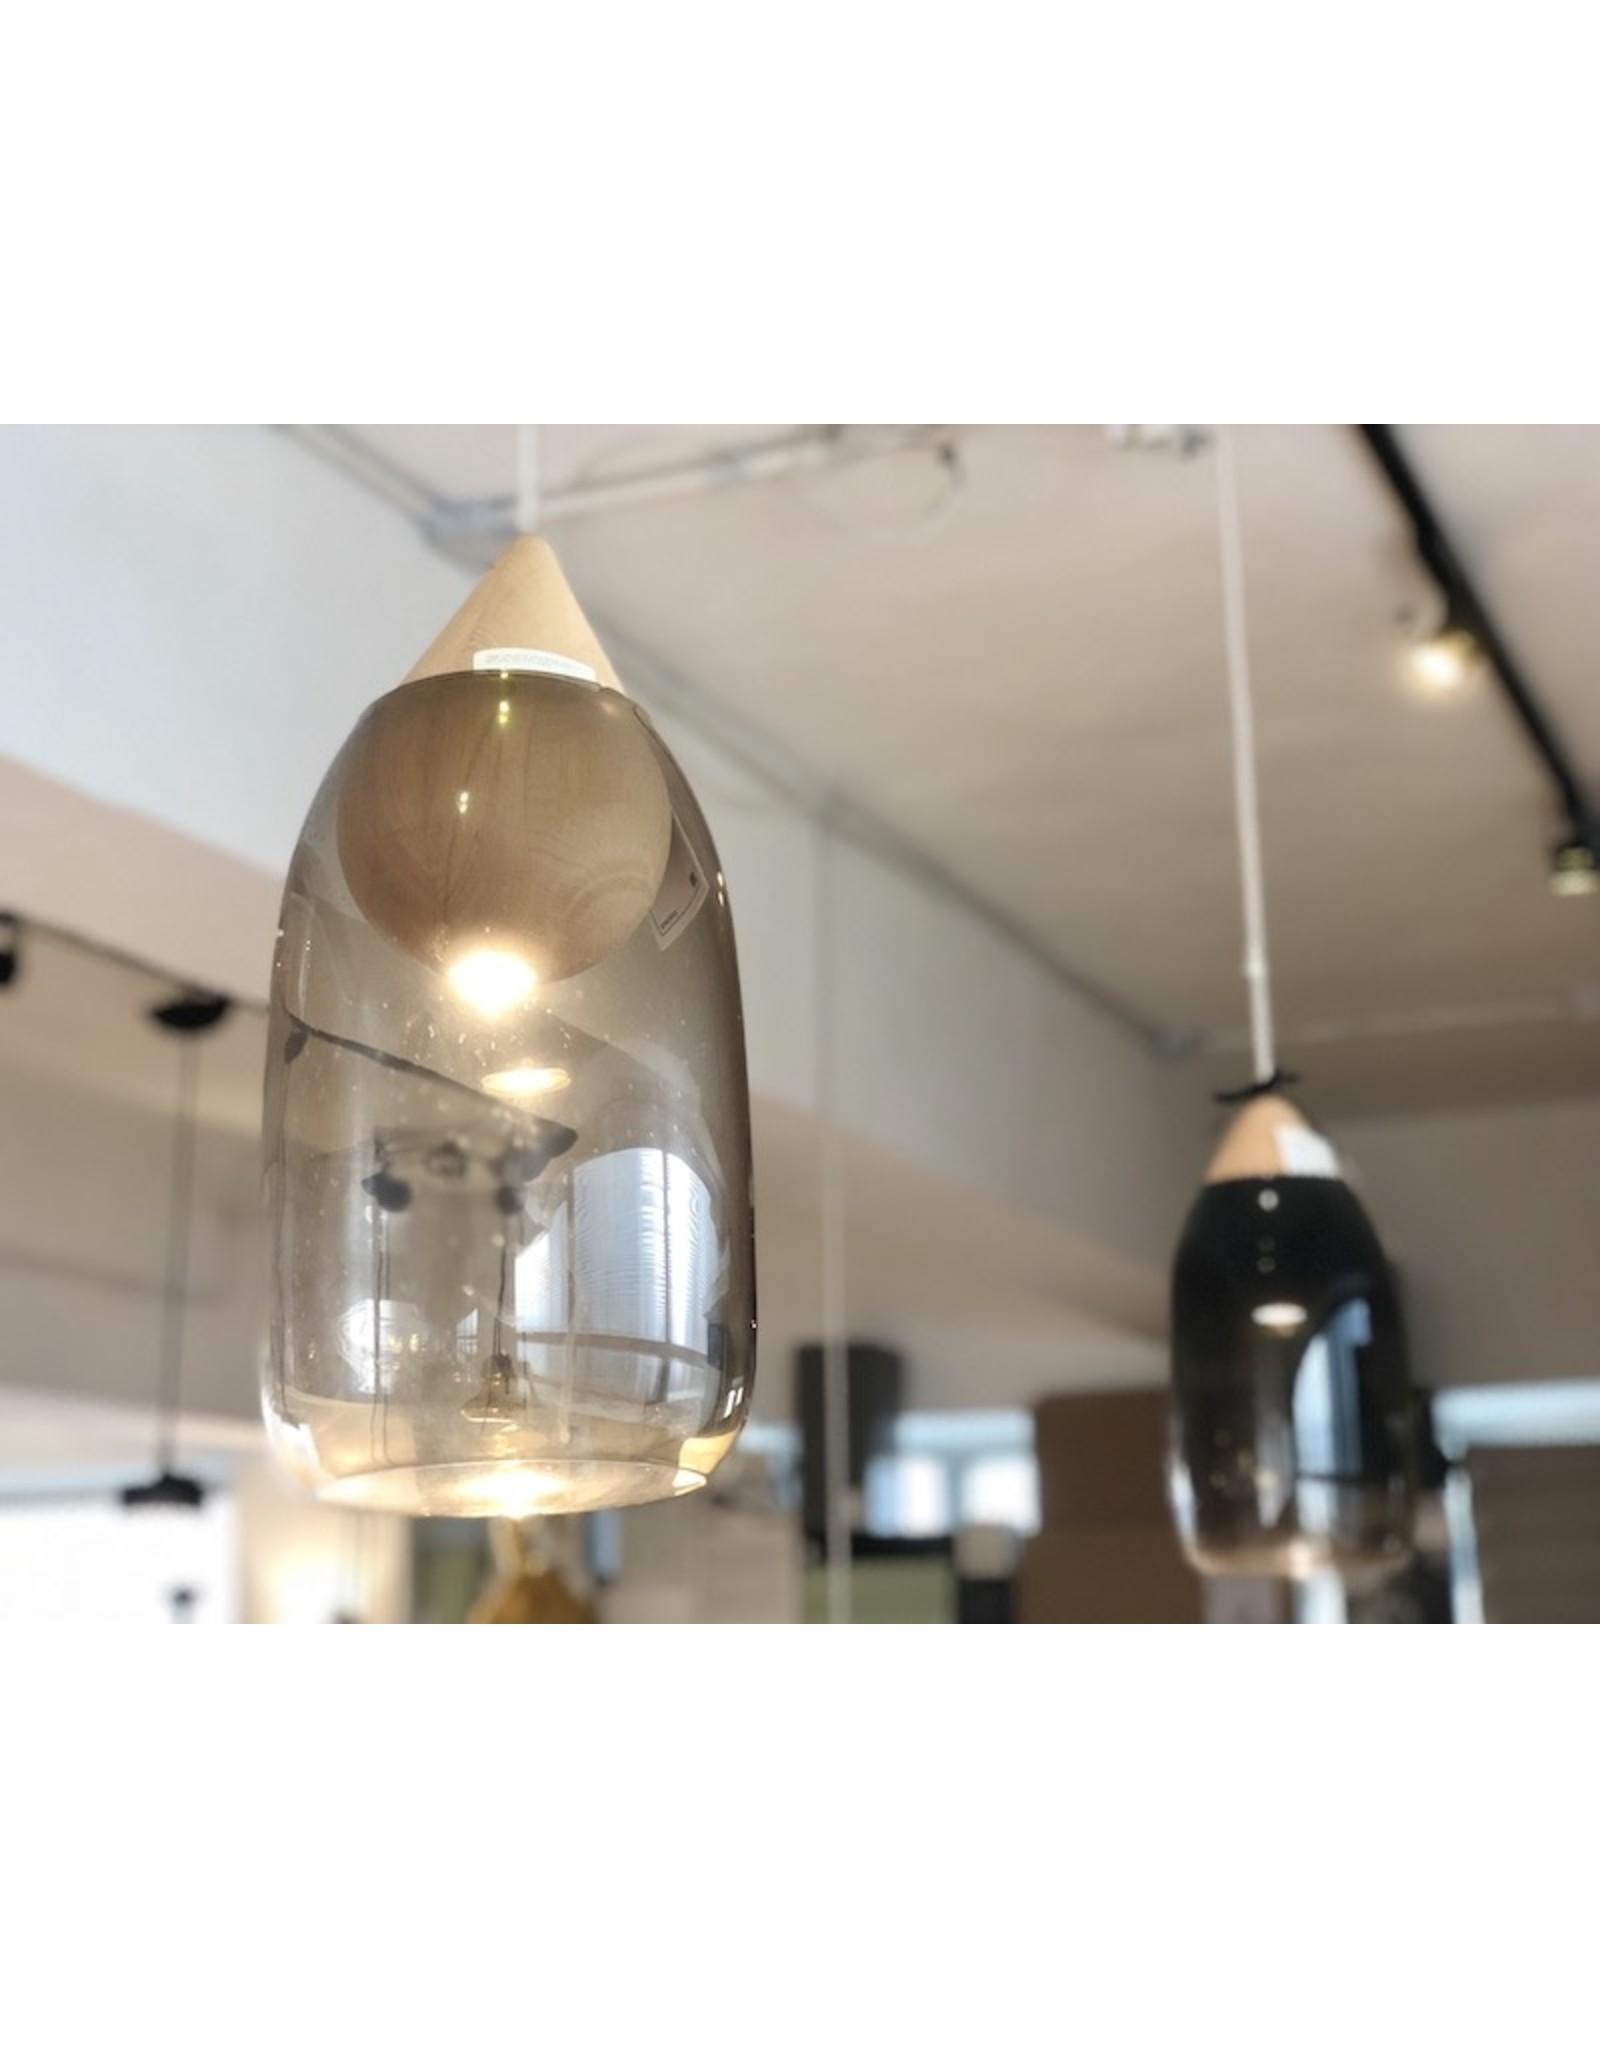 LIUKU PENDANT DROP LAMP